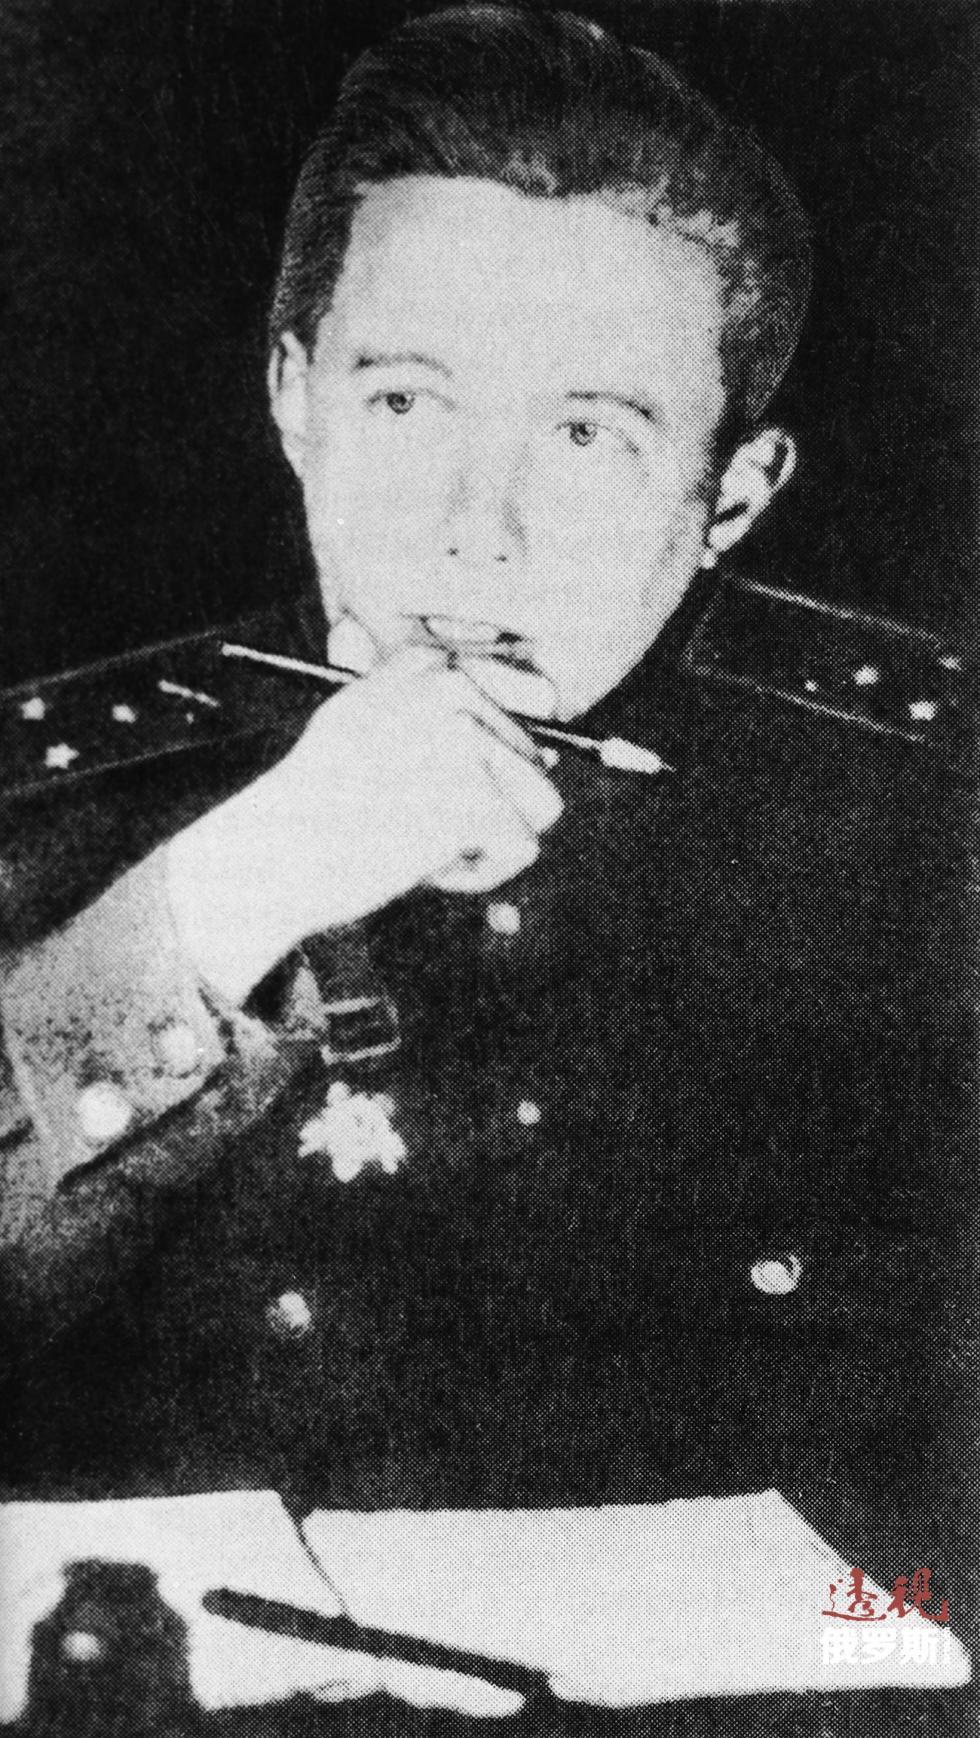 亚历山大·索尔仁尼琴(Aleksandr Solzhenitsyn)来源:俄新社